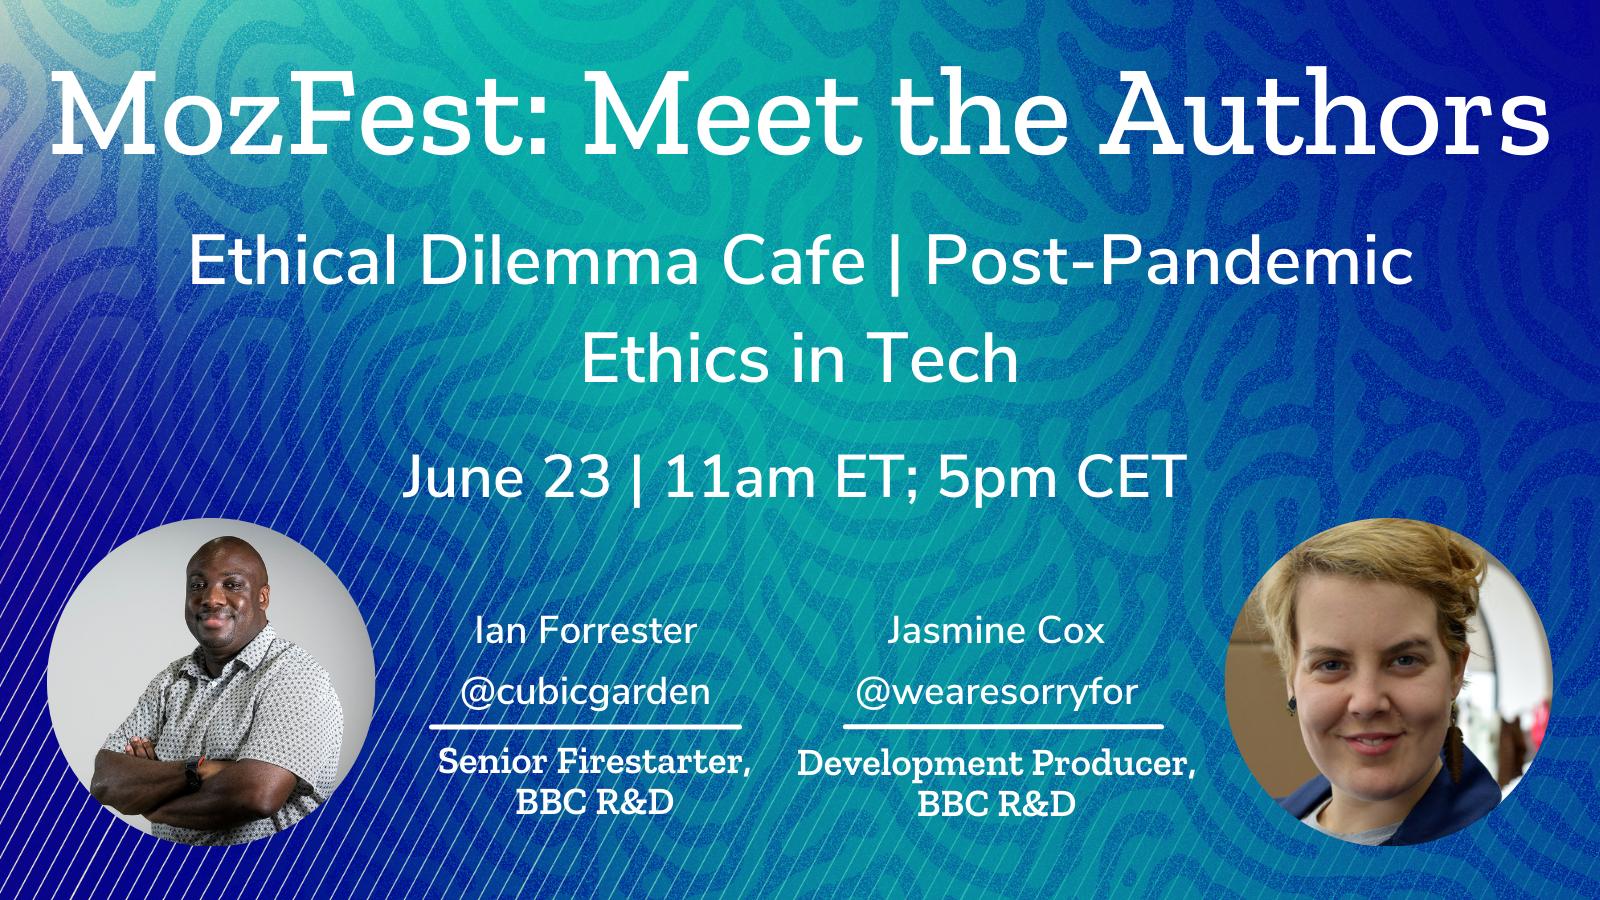 Meet the Authors- Ethical Dilemma Cafe